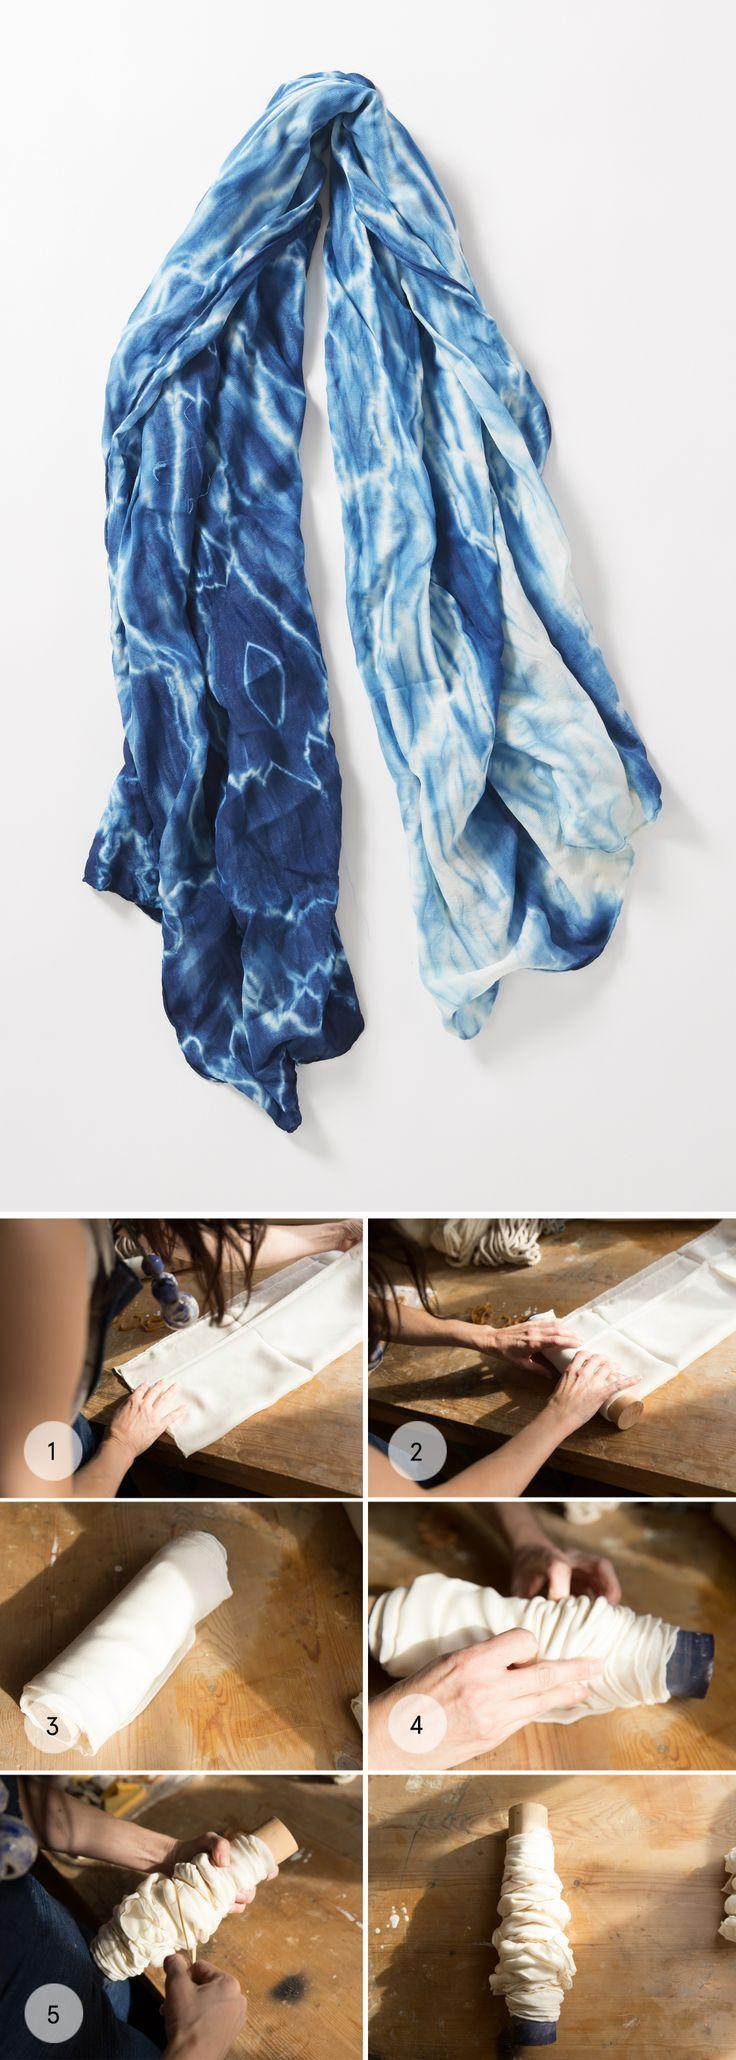 Arashi Shibori technique (wrap fabric around pole or tube) / how to use indigo dye kit